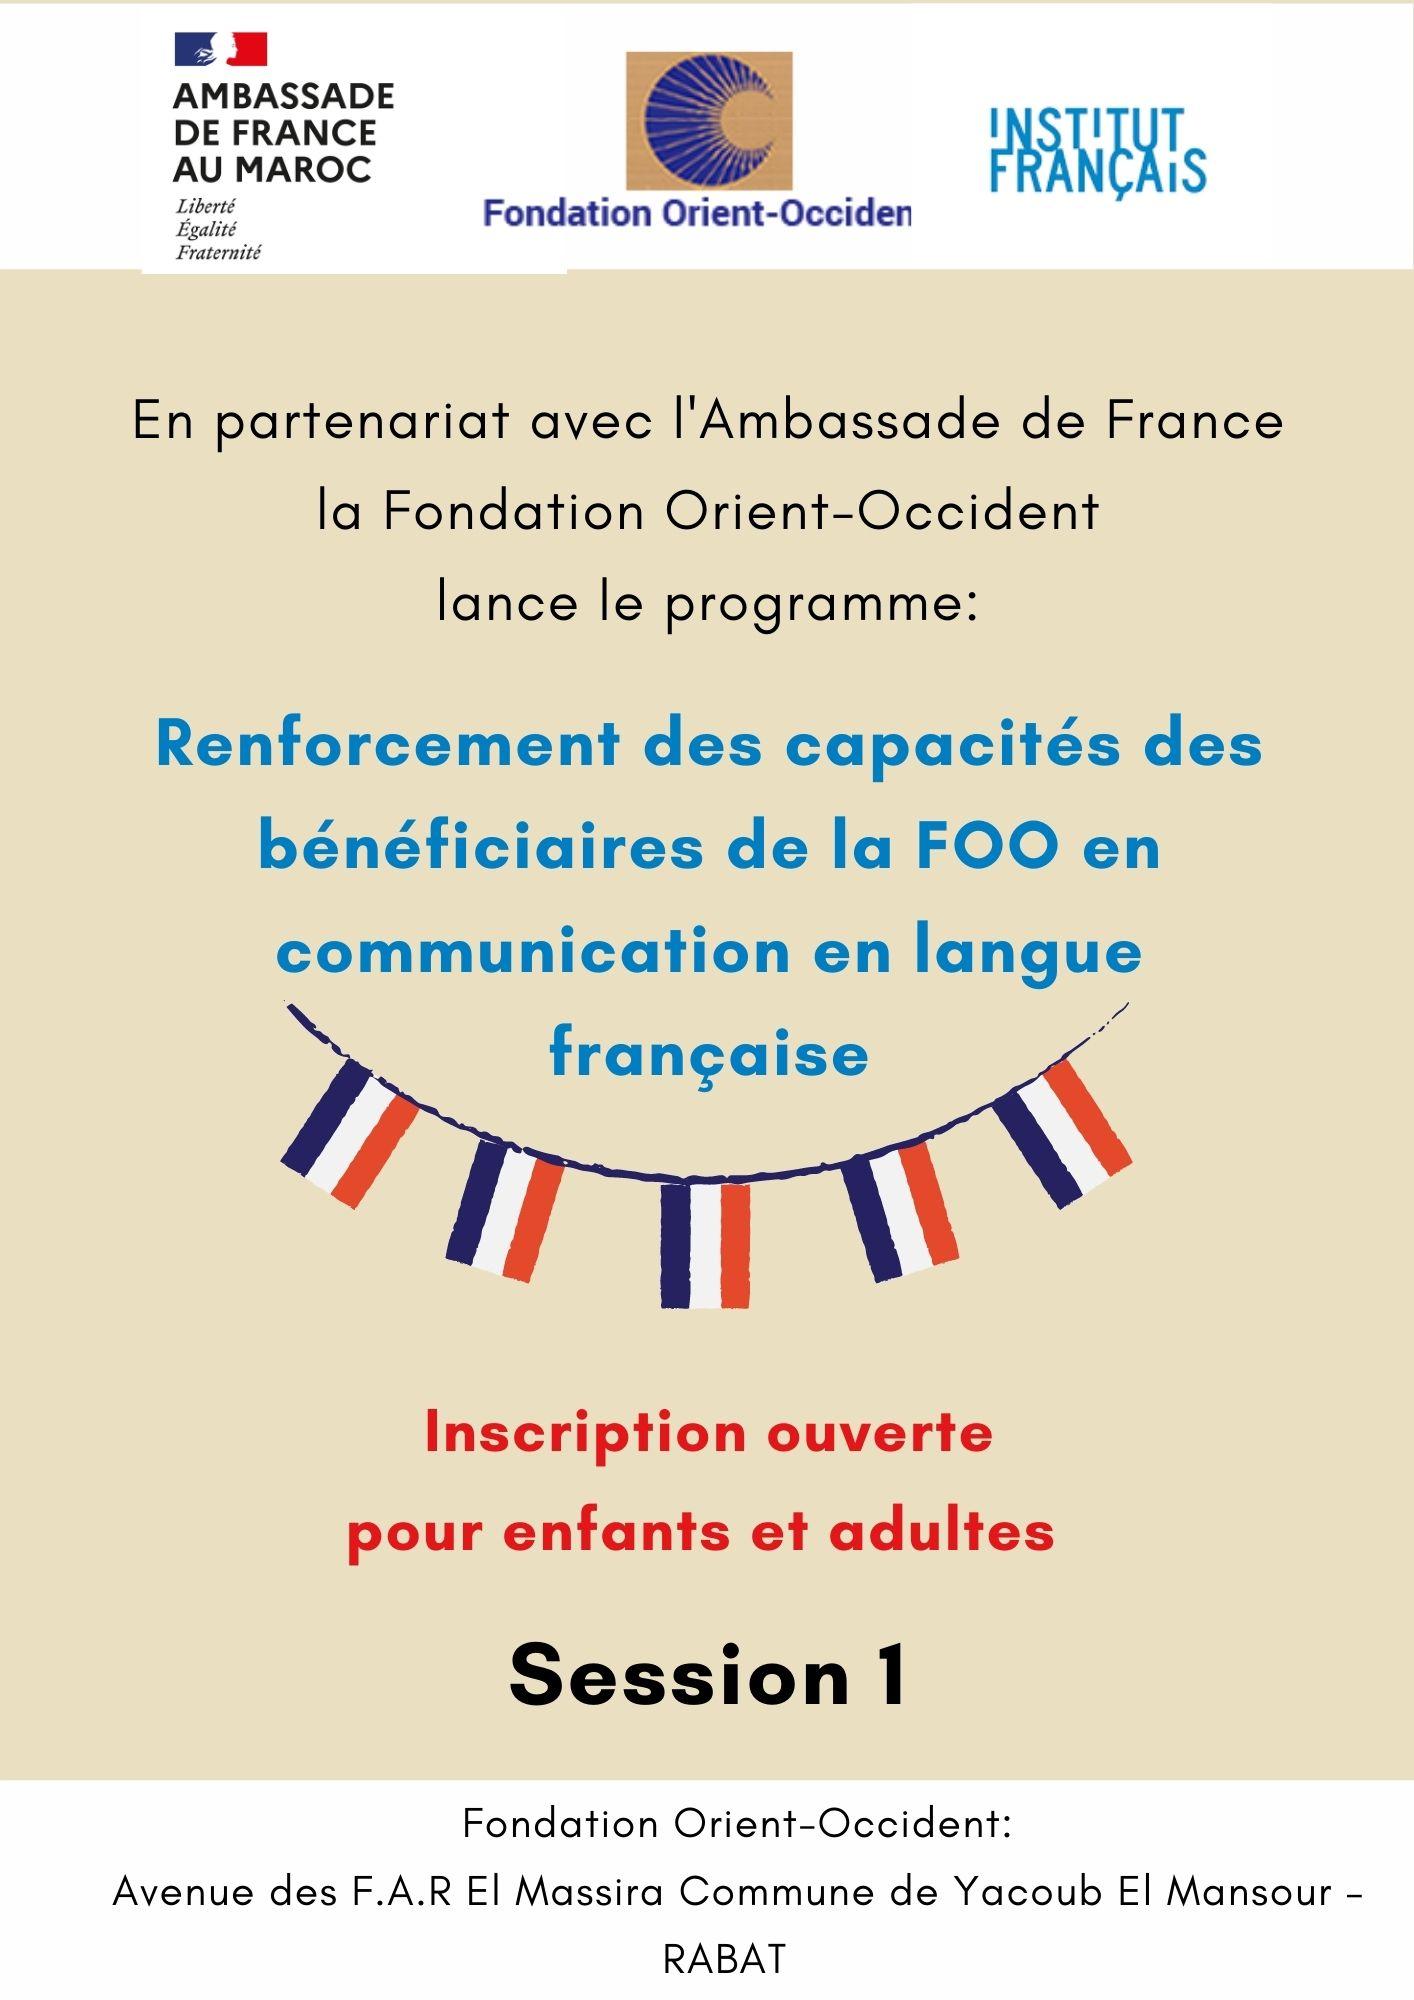 Nouveau cours de français à la Fondation Orient-Occident de Rabat